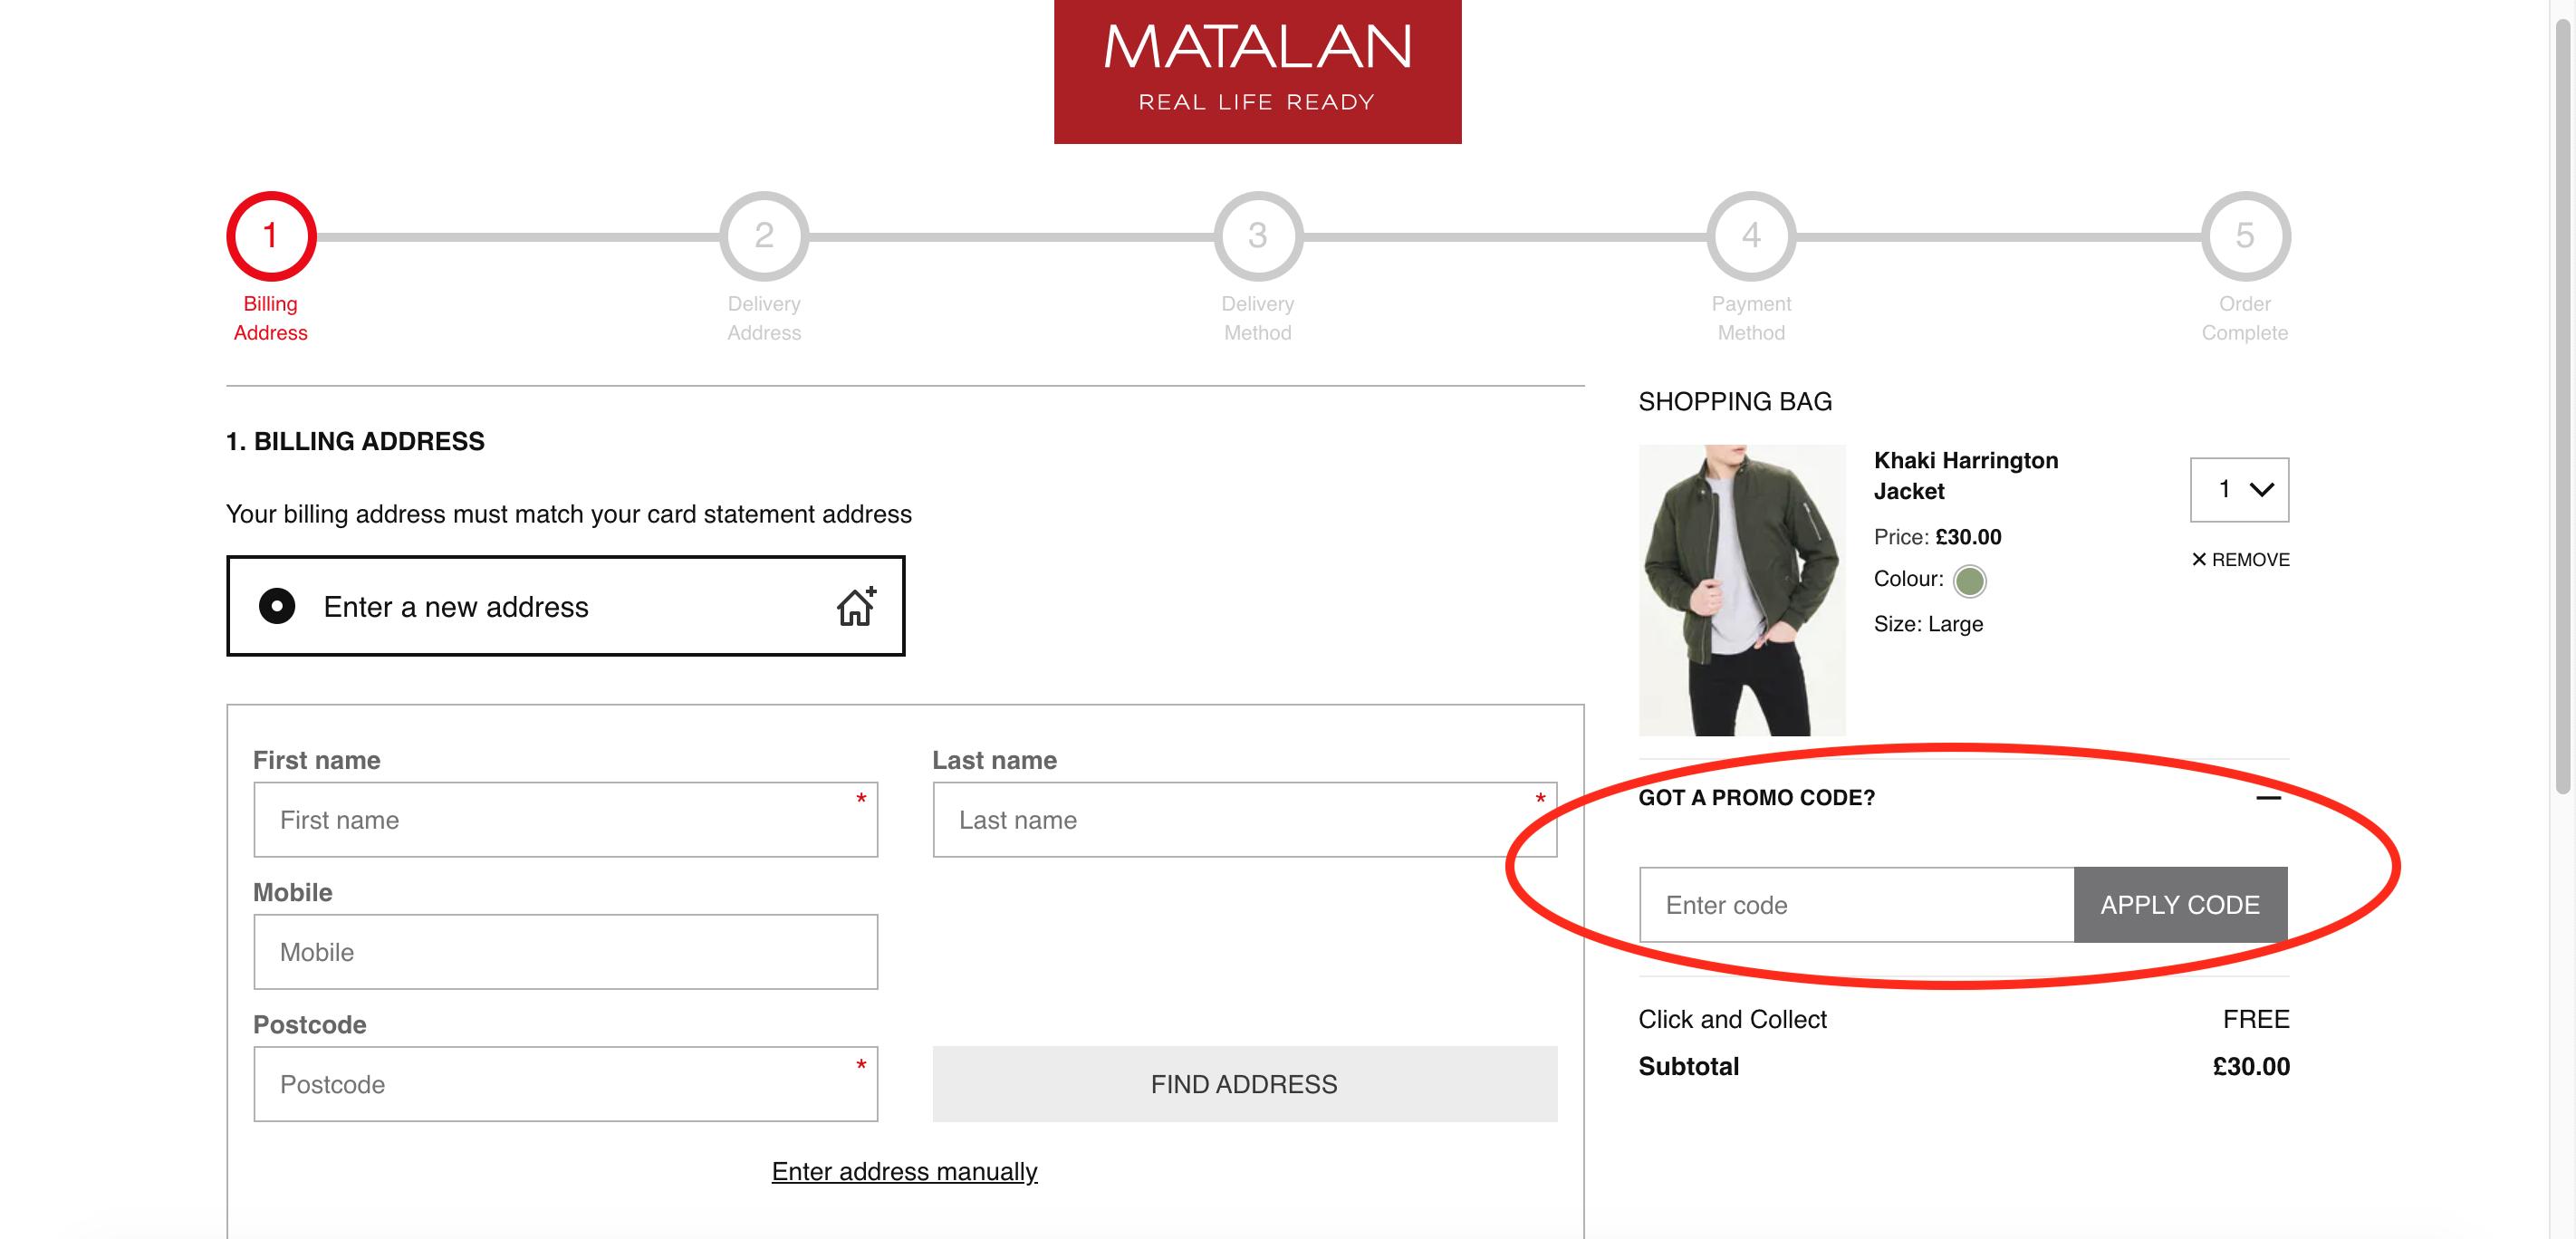 matalan-voucher_redemption-how-to